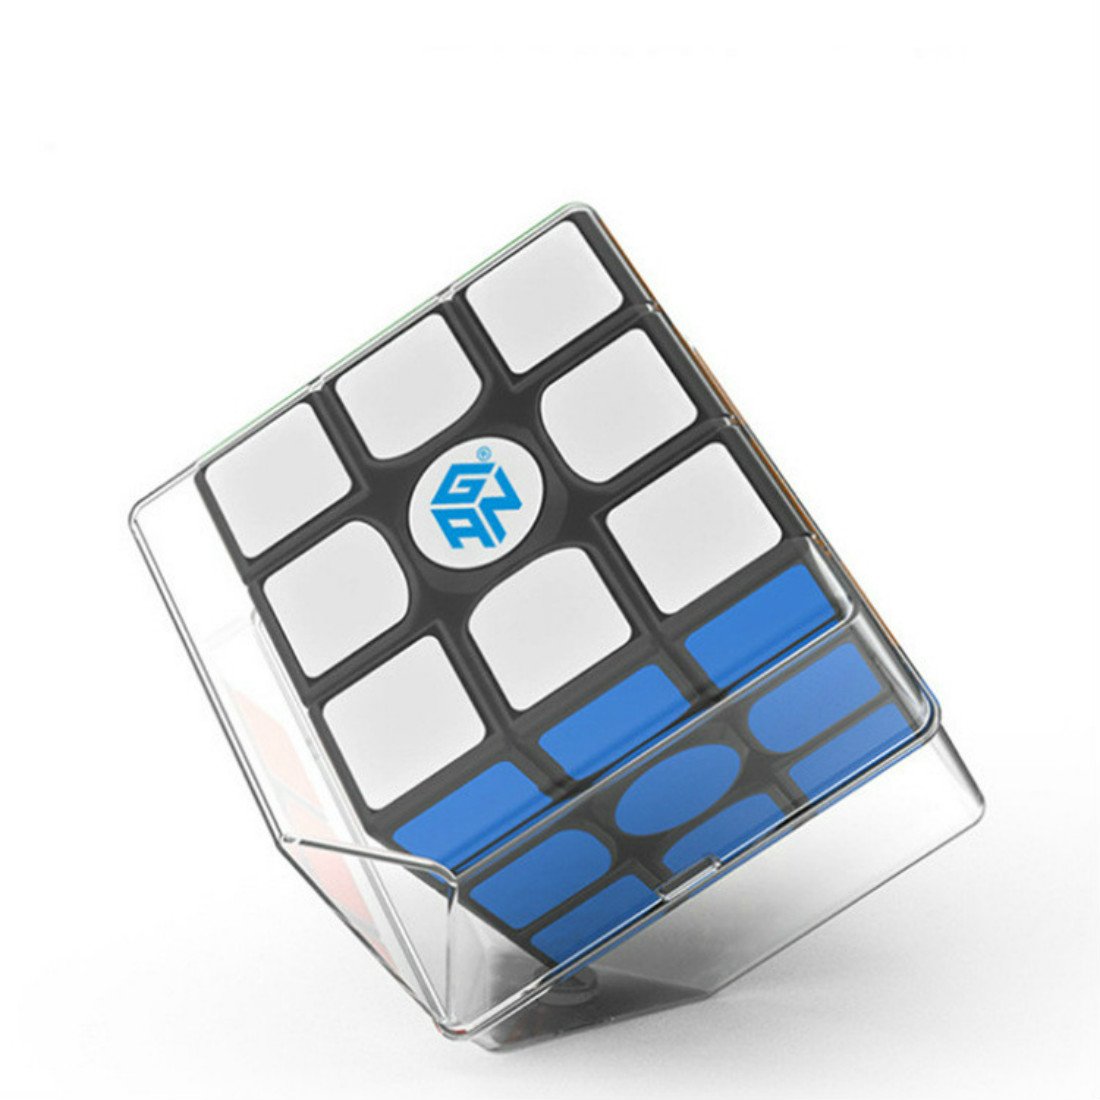 Gan 356 Air SM 3x3x3 Mise À Jour Version 2019 Magnétique Vitesse Cube Professionnel 3x3 Magique cube Puzzle Twist Jouets Éducatifs pour enfant